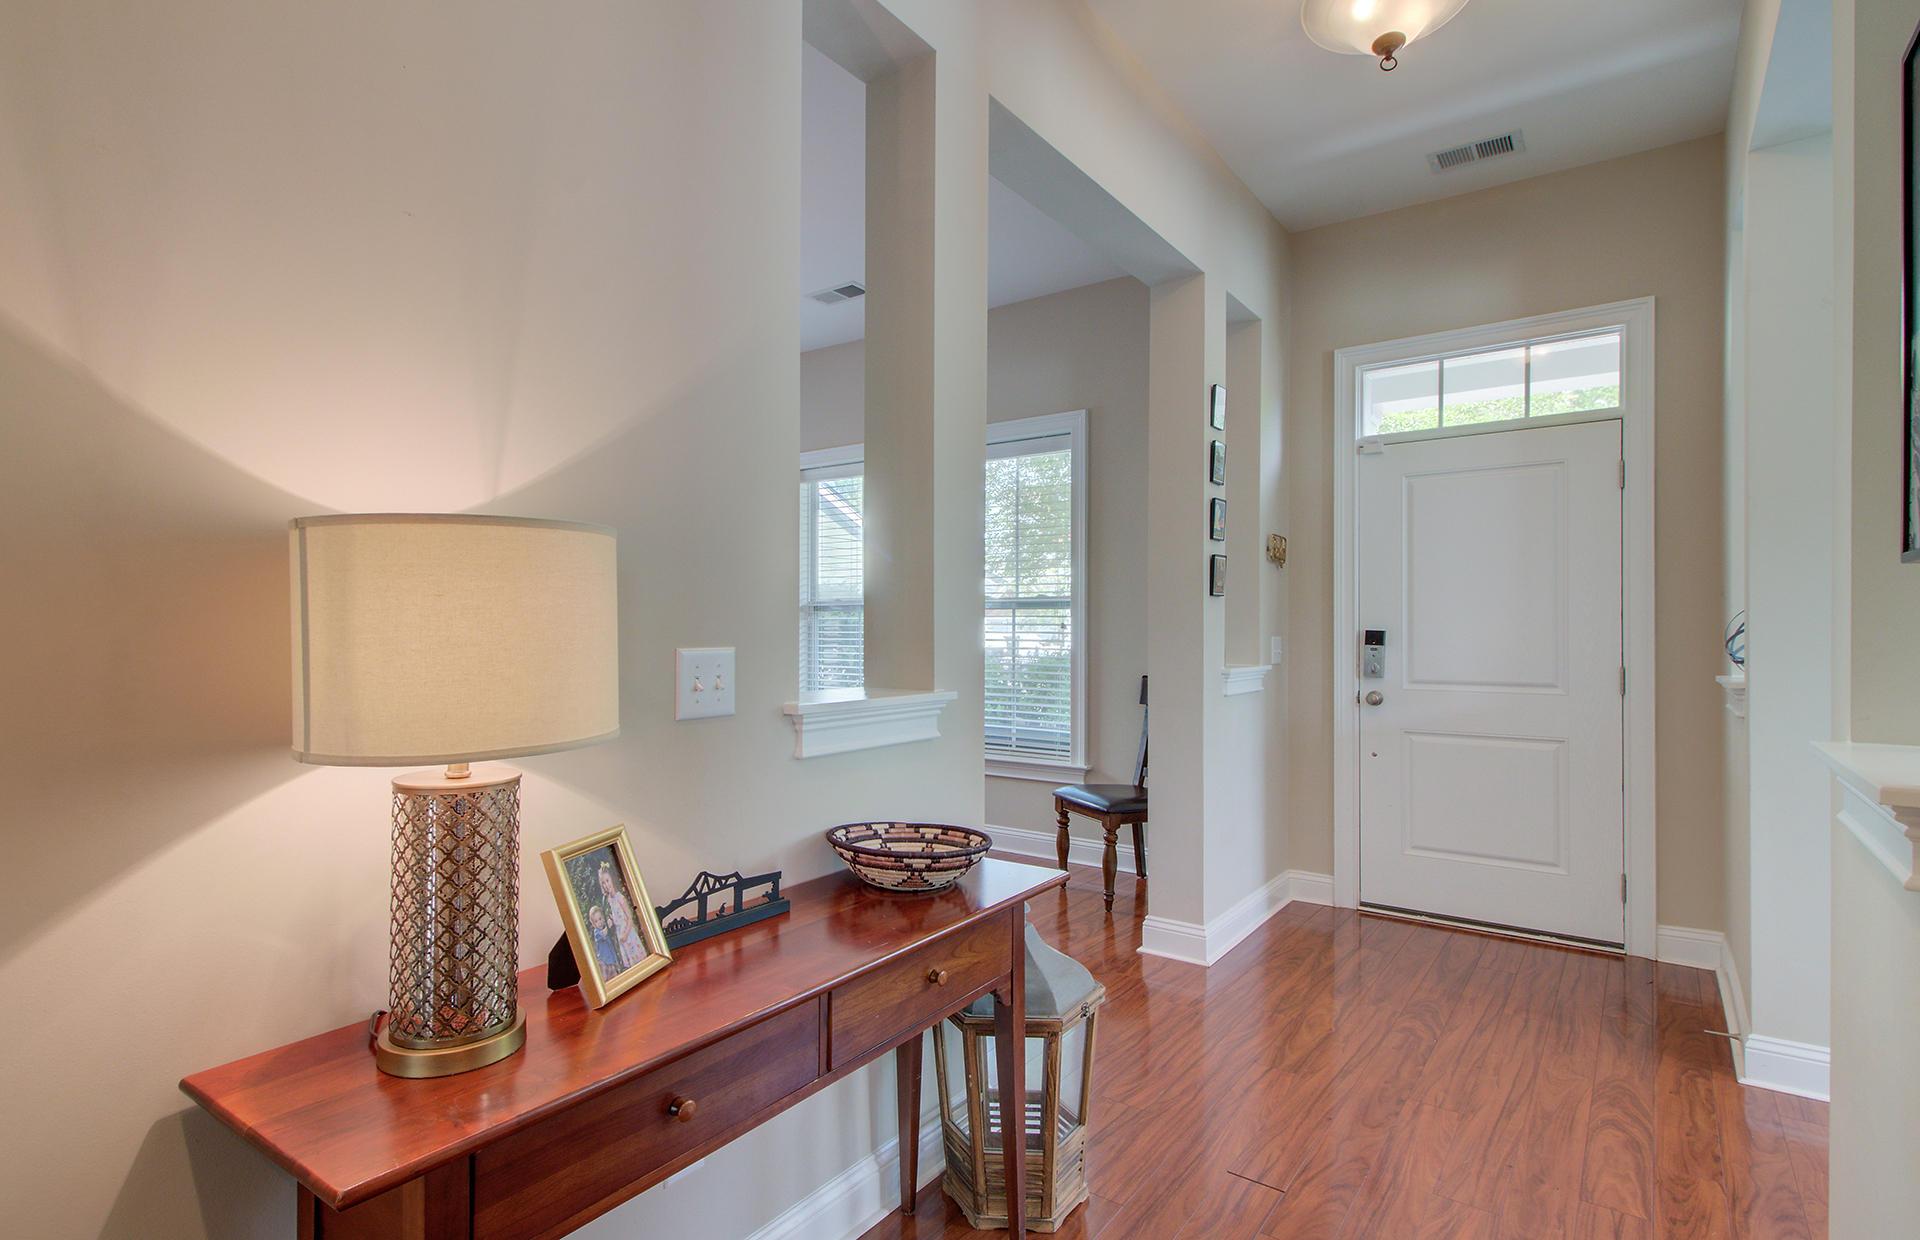 Boltons Landing Homes For Sale - 1749 Batten, Charleston, SC - 20